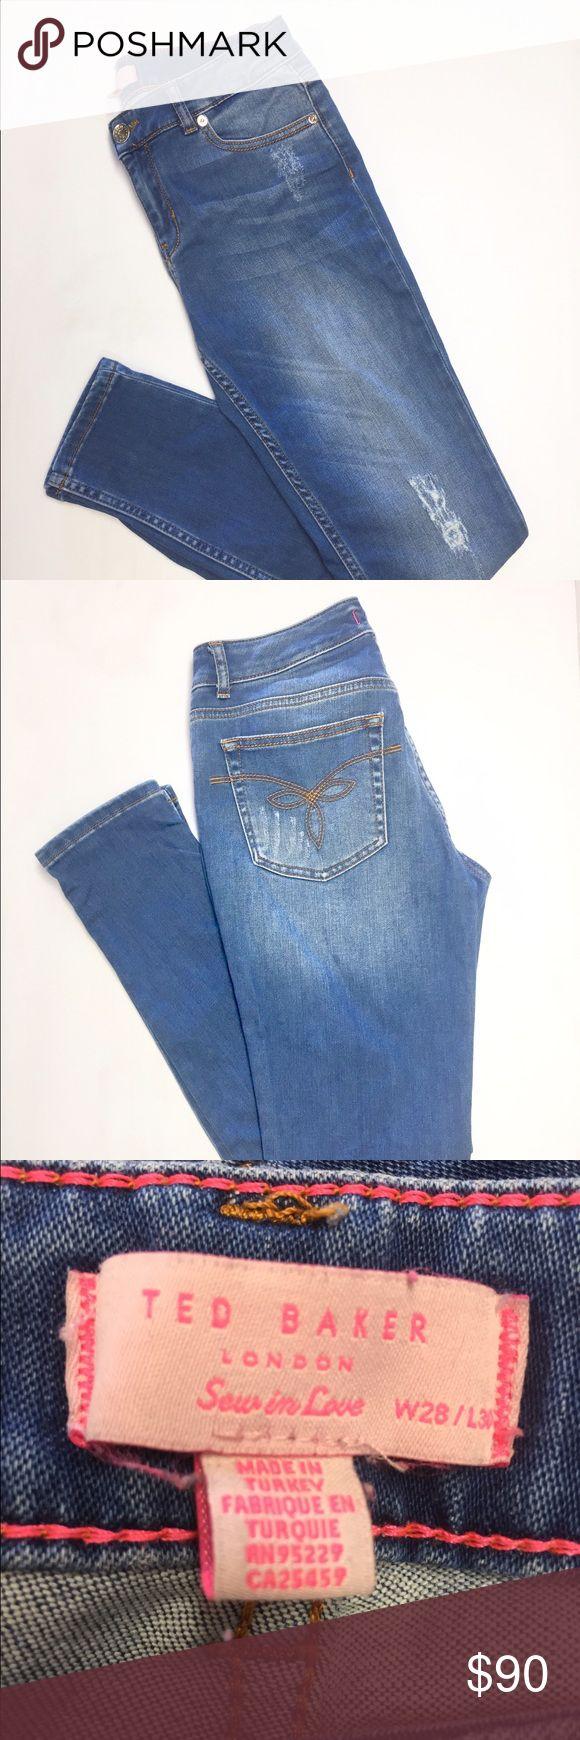 Ted Baker  Frossia Abrasion Denim Blue Super cute abrasion detail Ted denim, medium blue wash. Like new, size 28.  #tedbaker #abrasion #denim #skinnyjeans #skinny #frossia Ted Baker Jeans Skinny